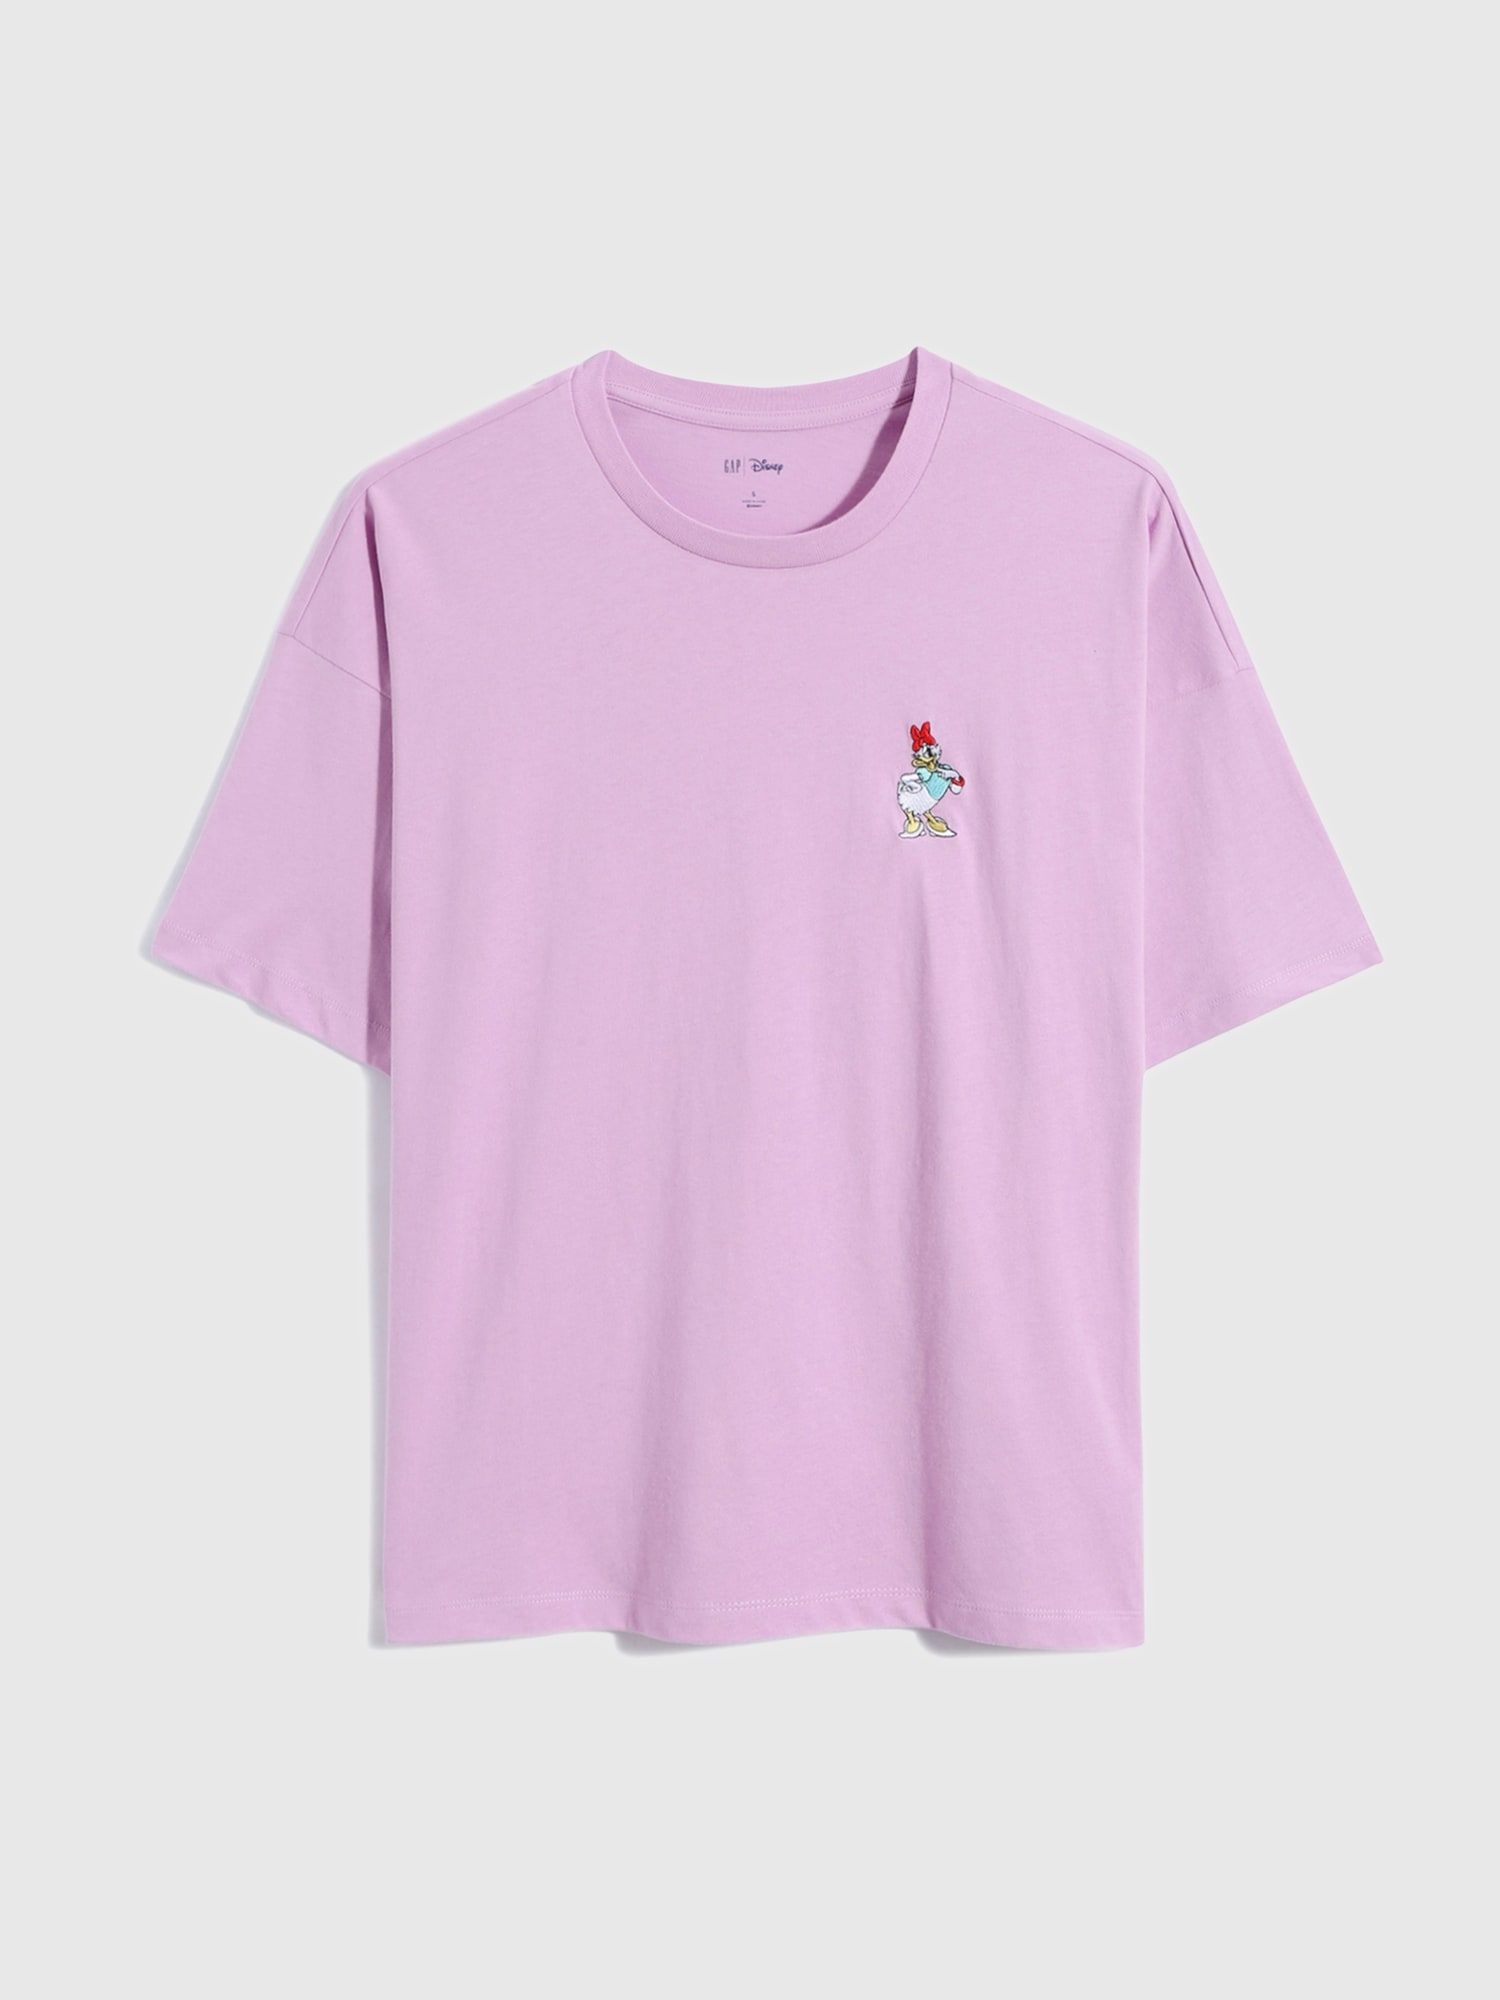 Gap ディズニー グラフィックtシャツ